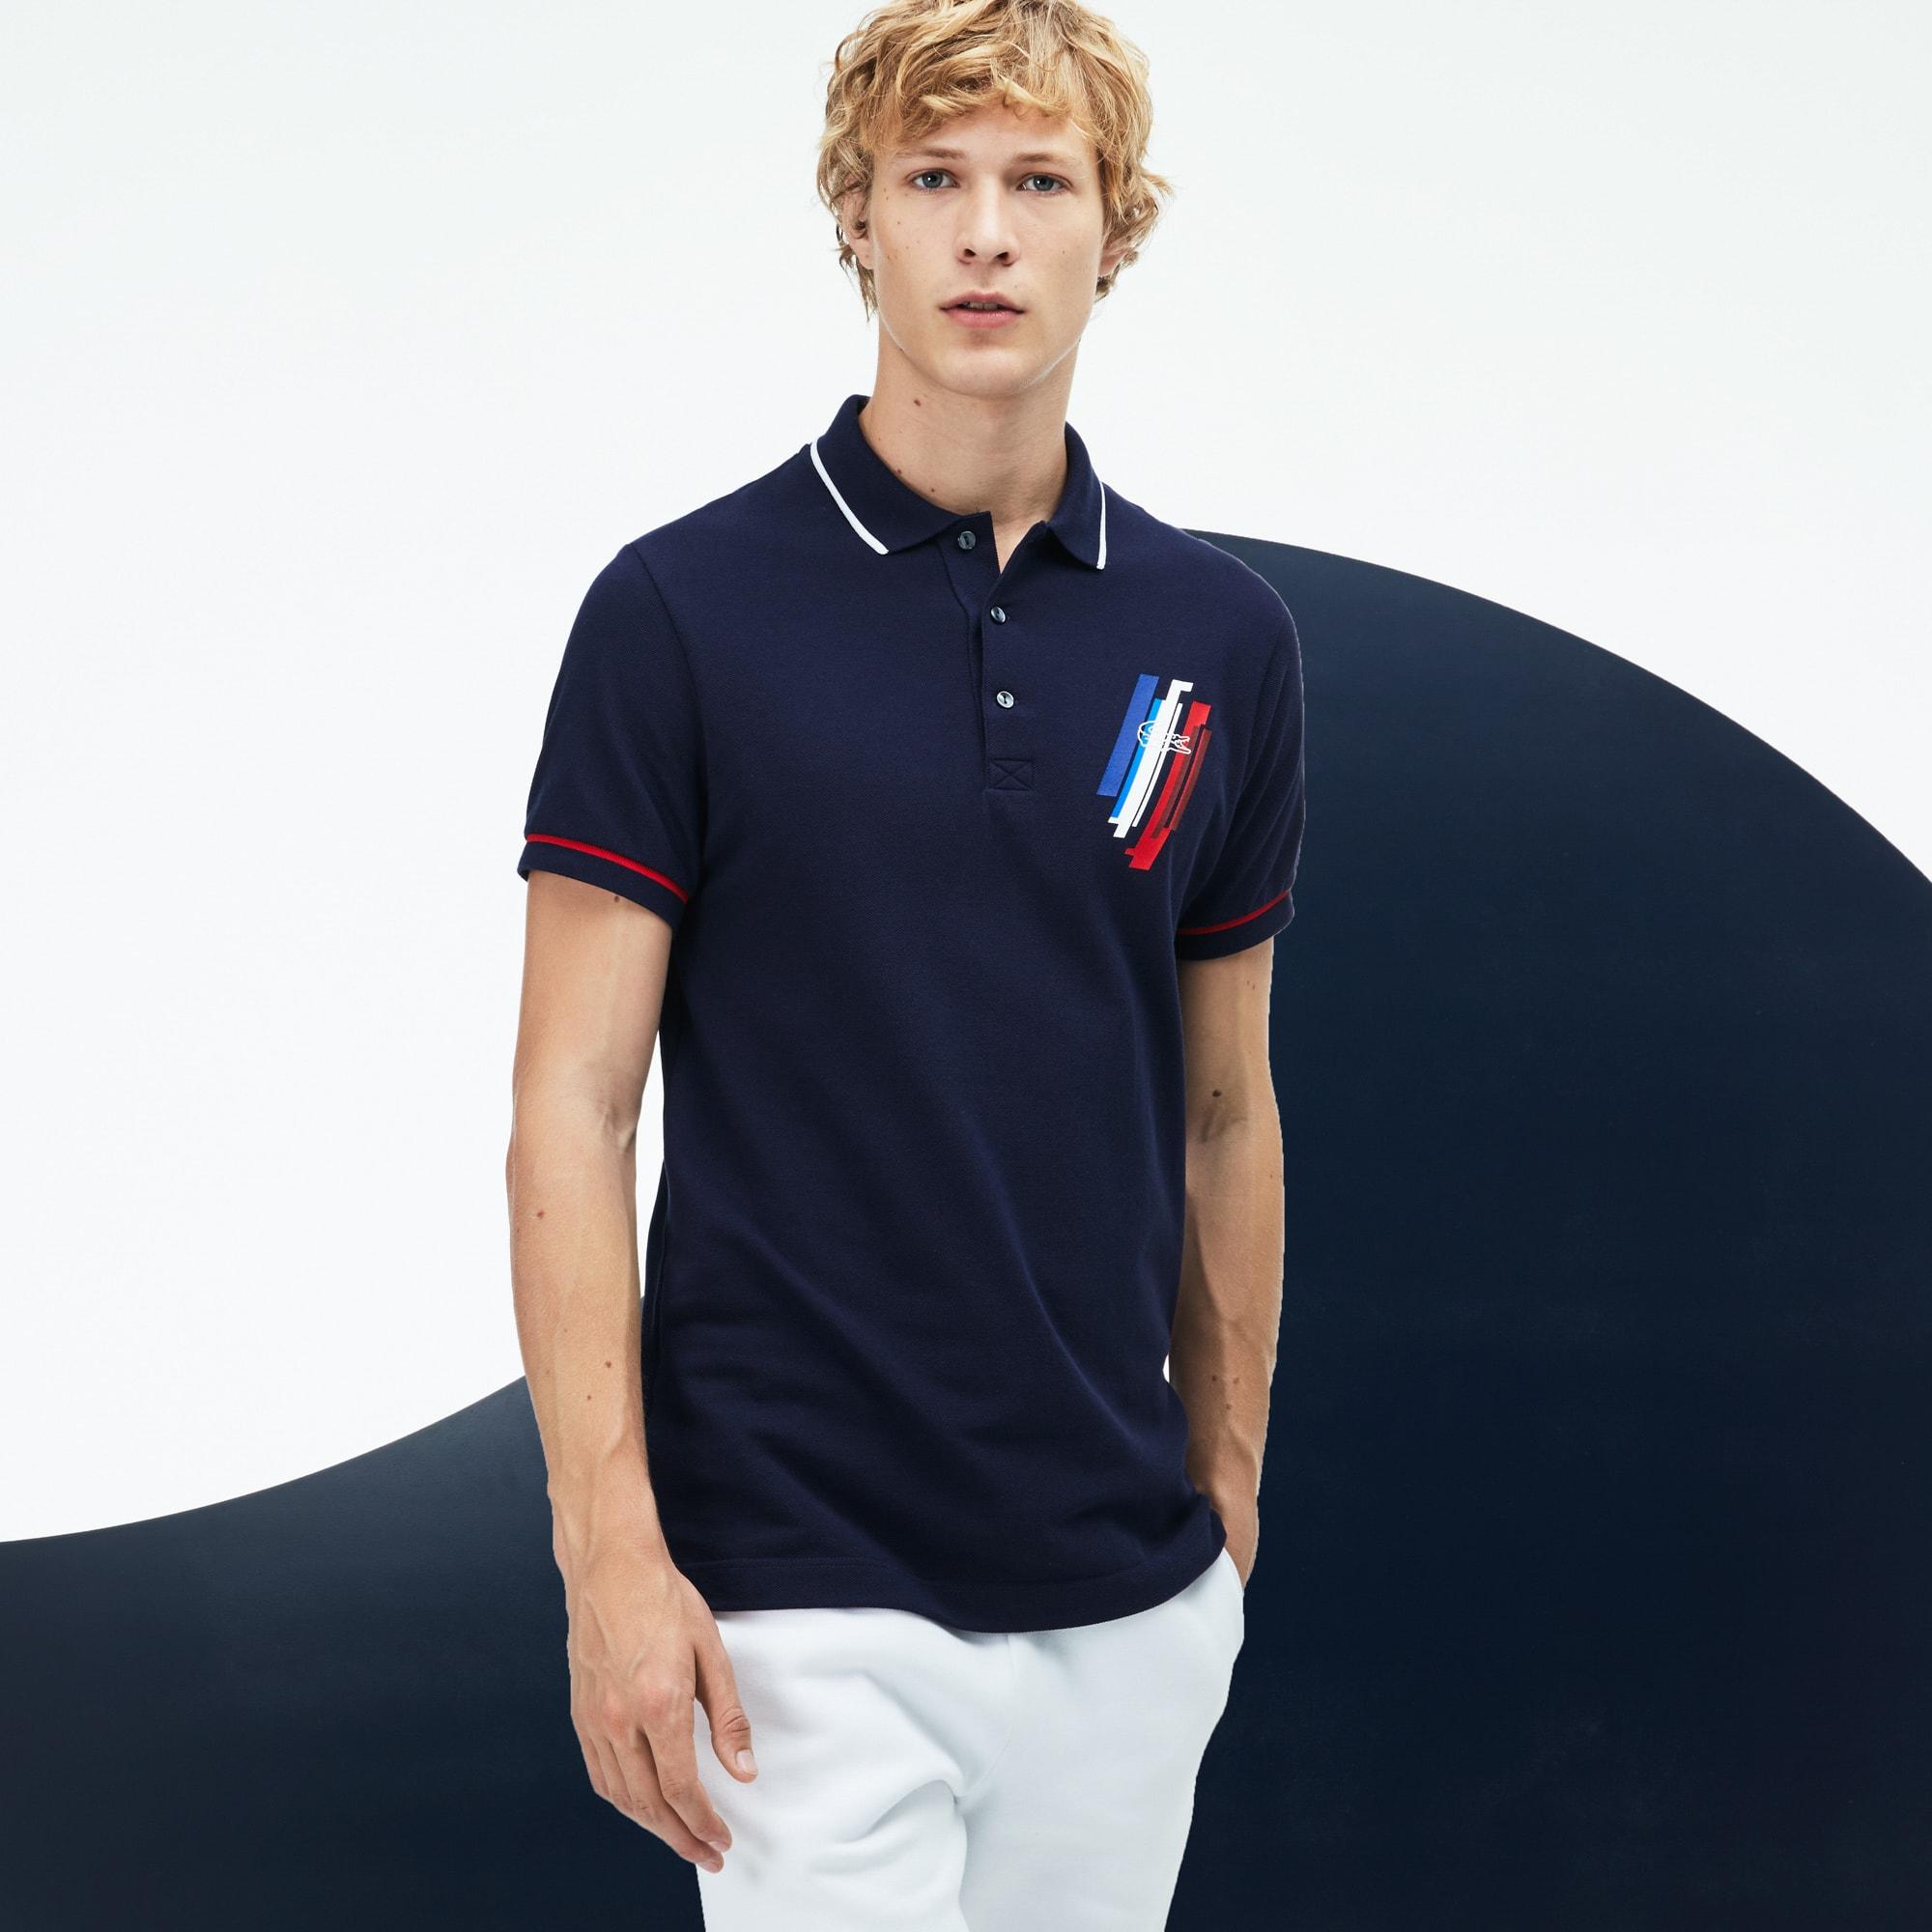 Men's Lacoste SPORT COLLECTION TRICOLORE Edition Design Two-Ply Petit Piqué Polo